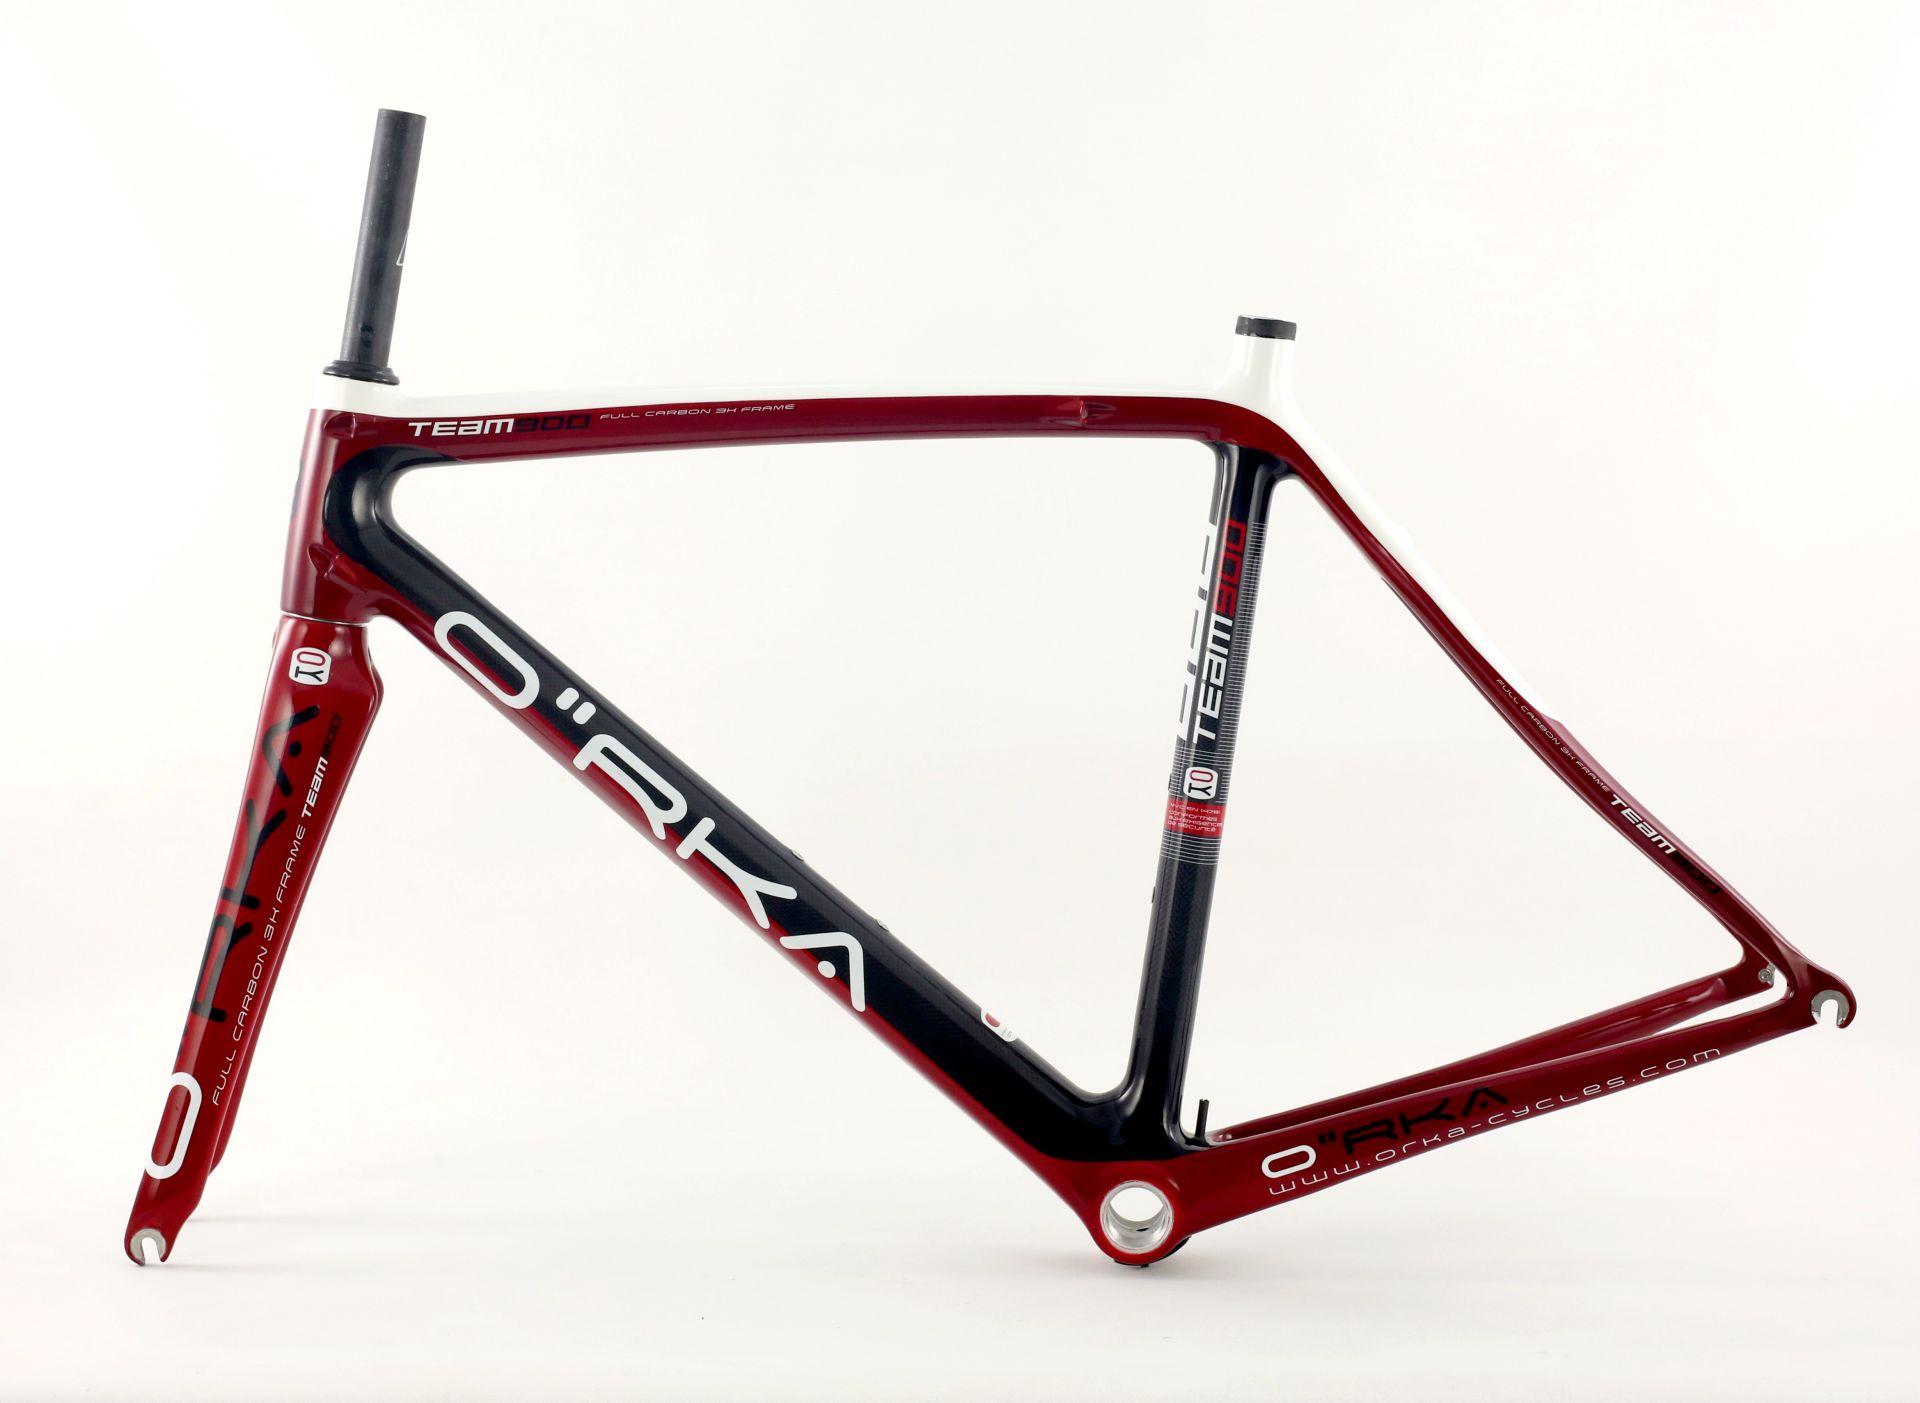 Kit cadre Team 900 Carbone (Rouge/Noir/Blanc) - XXS